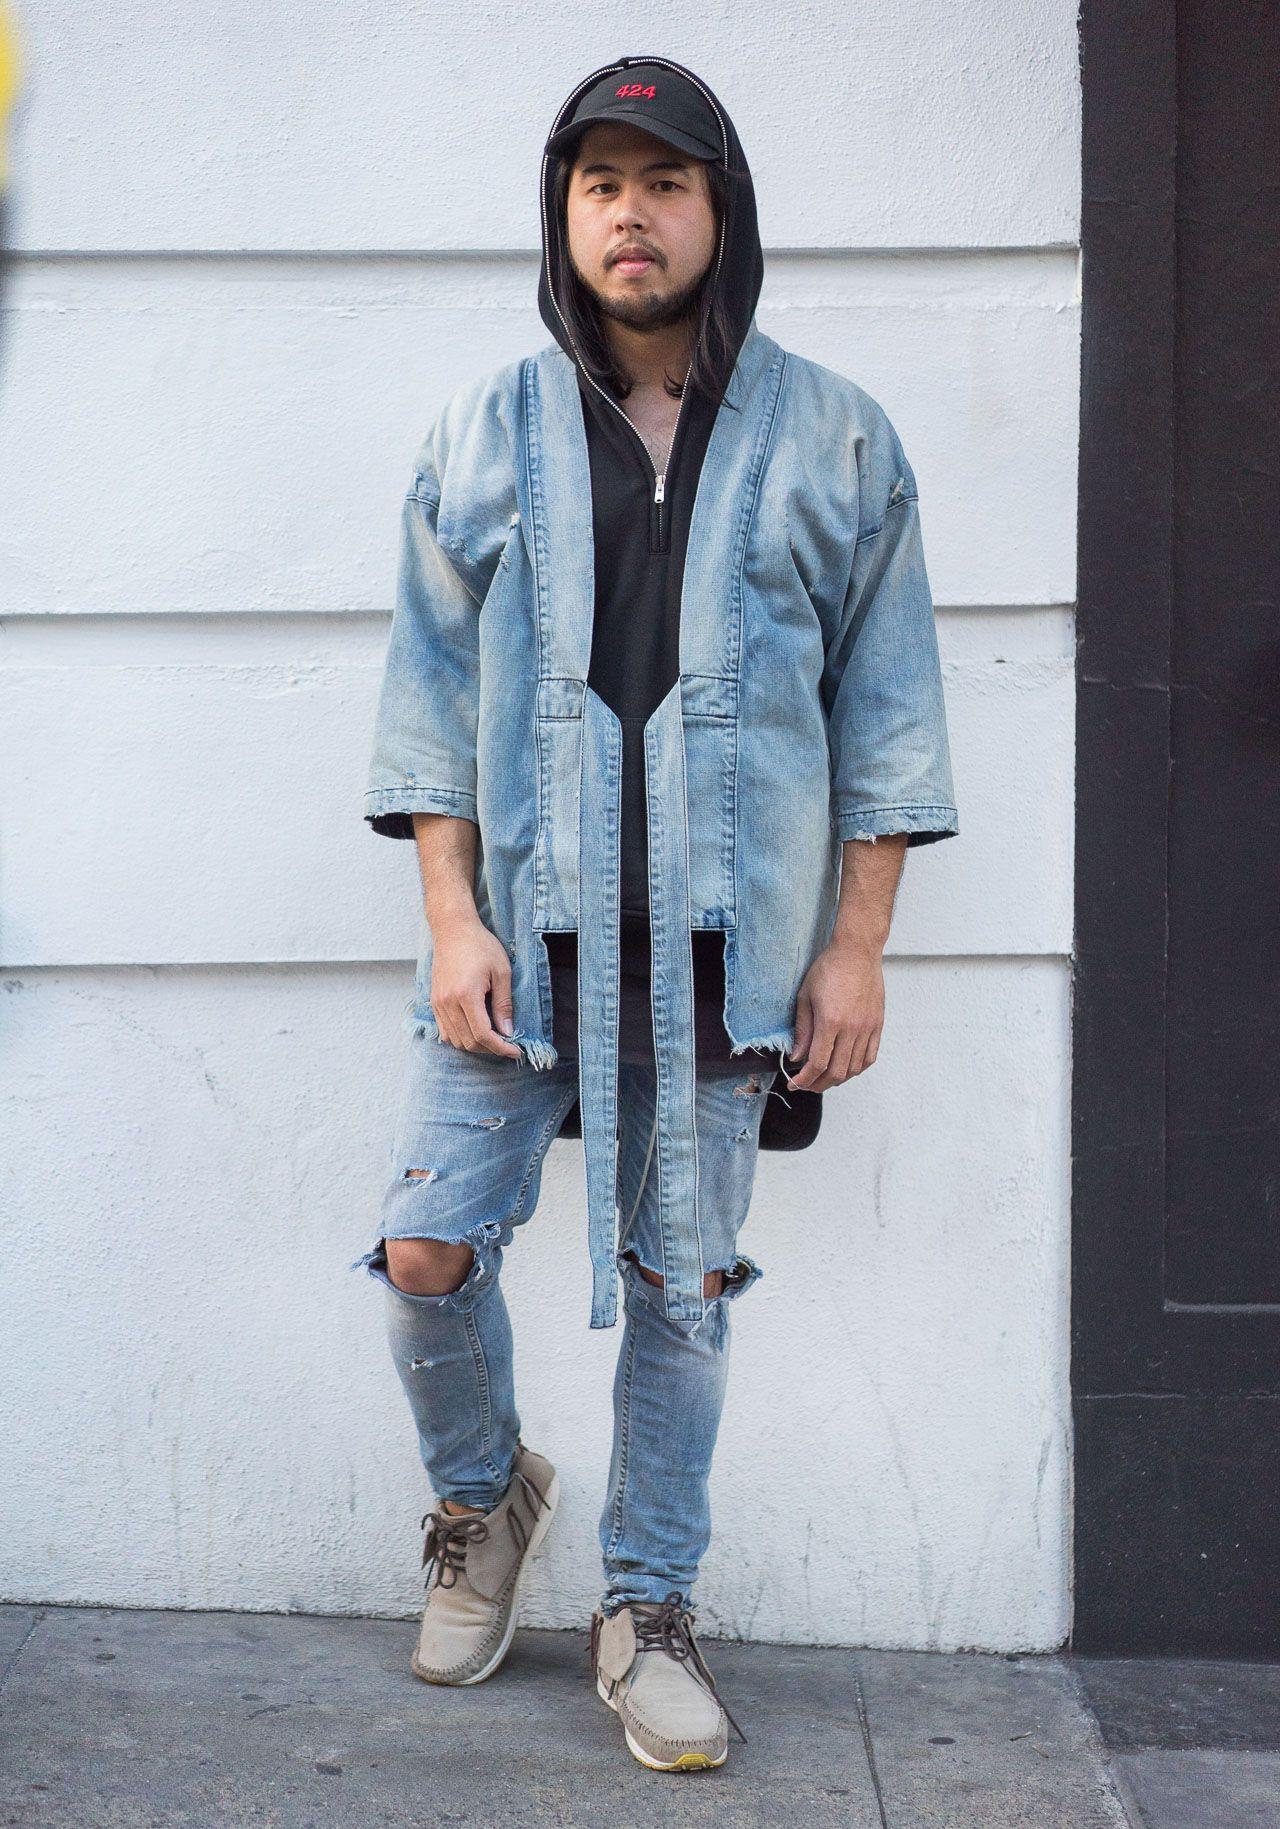 Sf Looks Luxury Streetwear Urban Street Style Street Style Inspiration